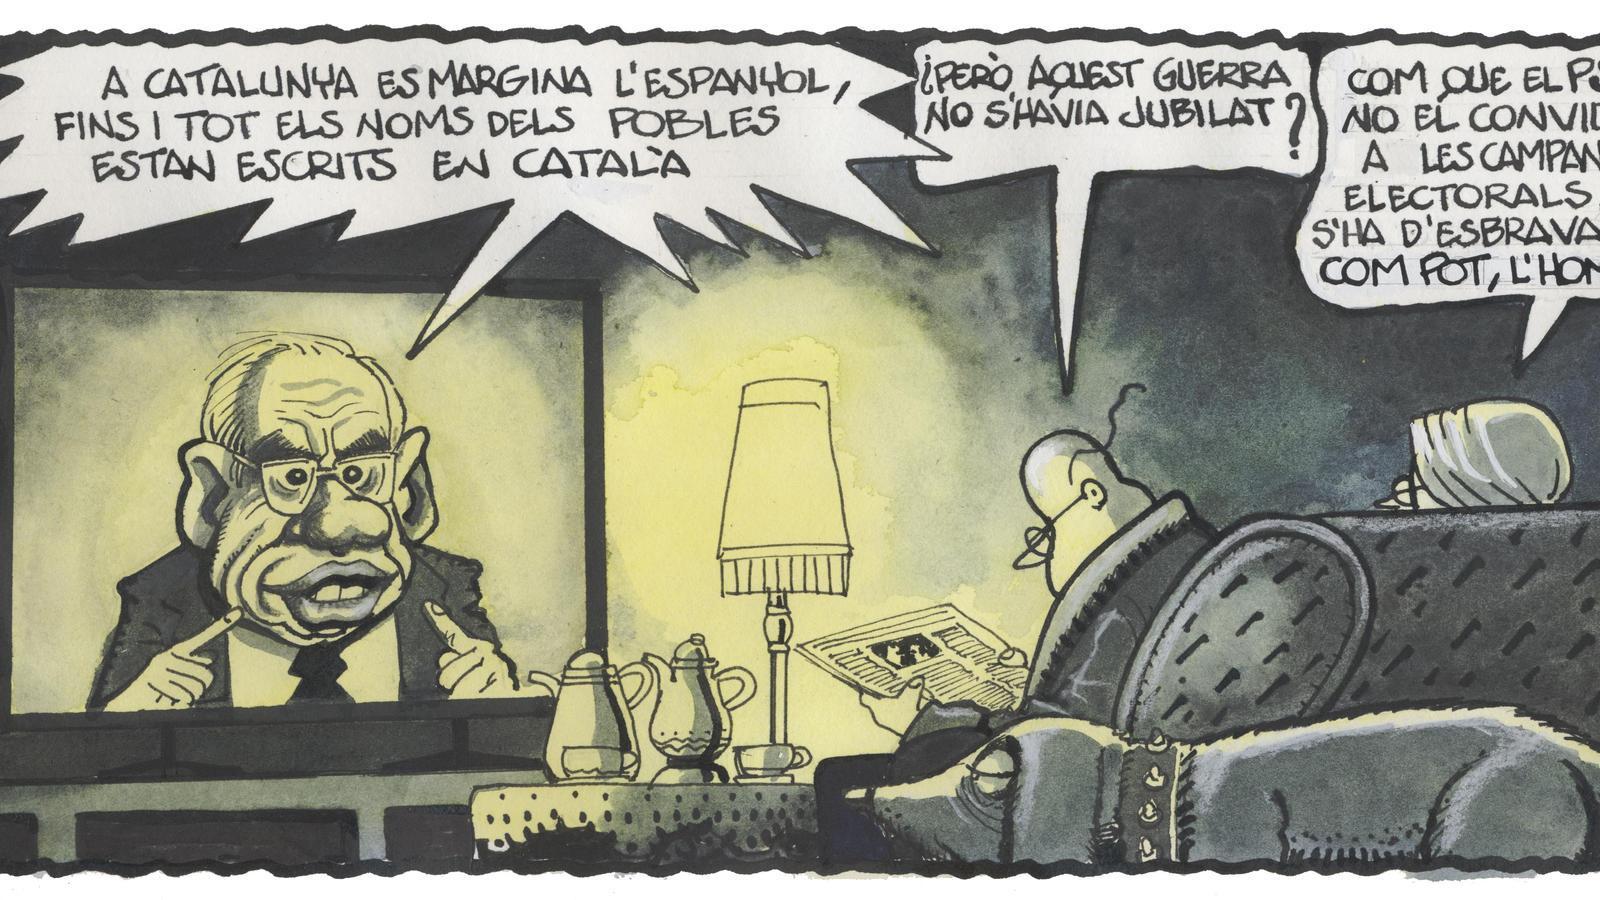 'A la contra', per Ferreres 19/11/2020